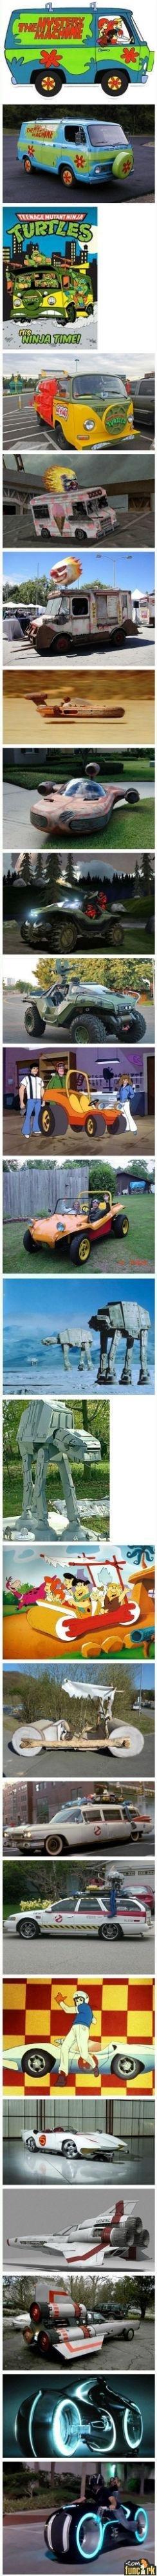 Cartoon Cars IRL. .. i derrezed at the last one